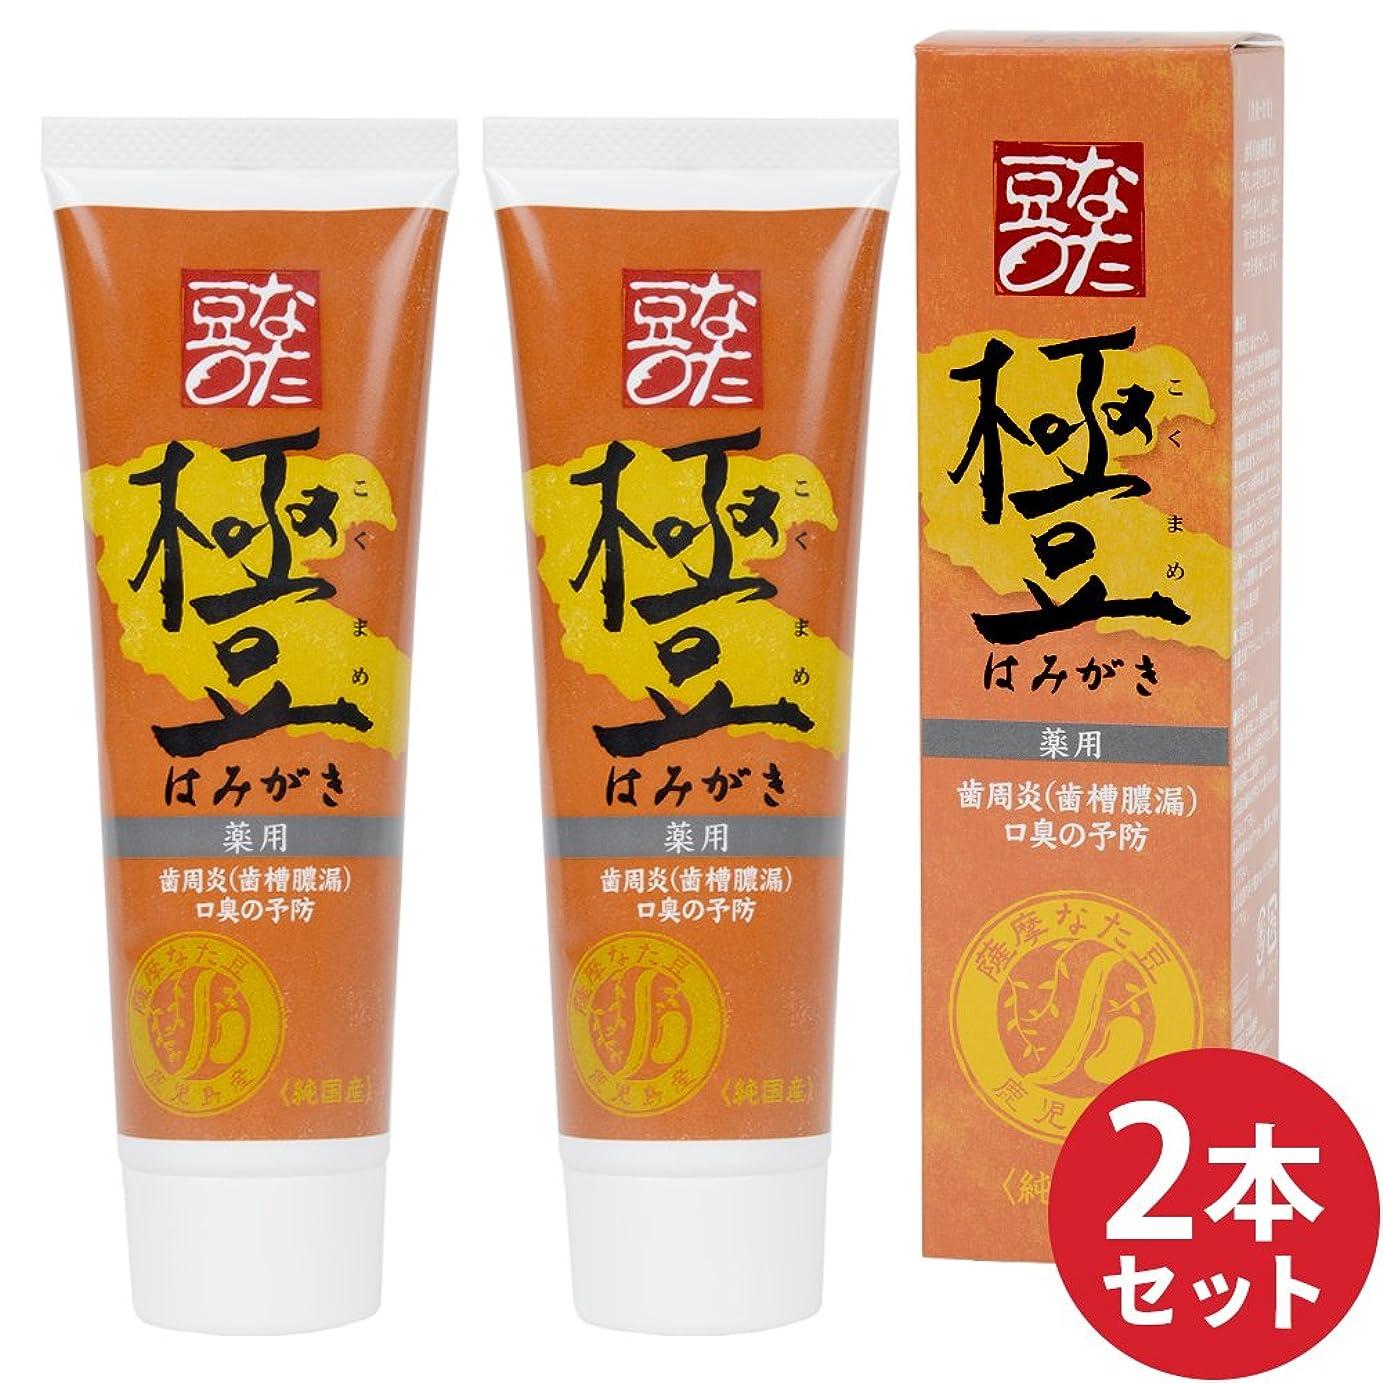 バックアップ動機付けるコミット2本セット【薬用】薩摩なた豆歯磨き(内容量:110g×2)